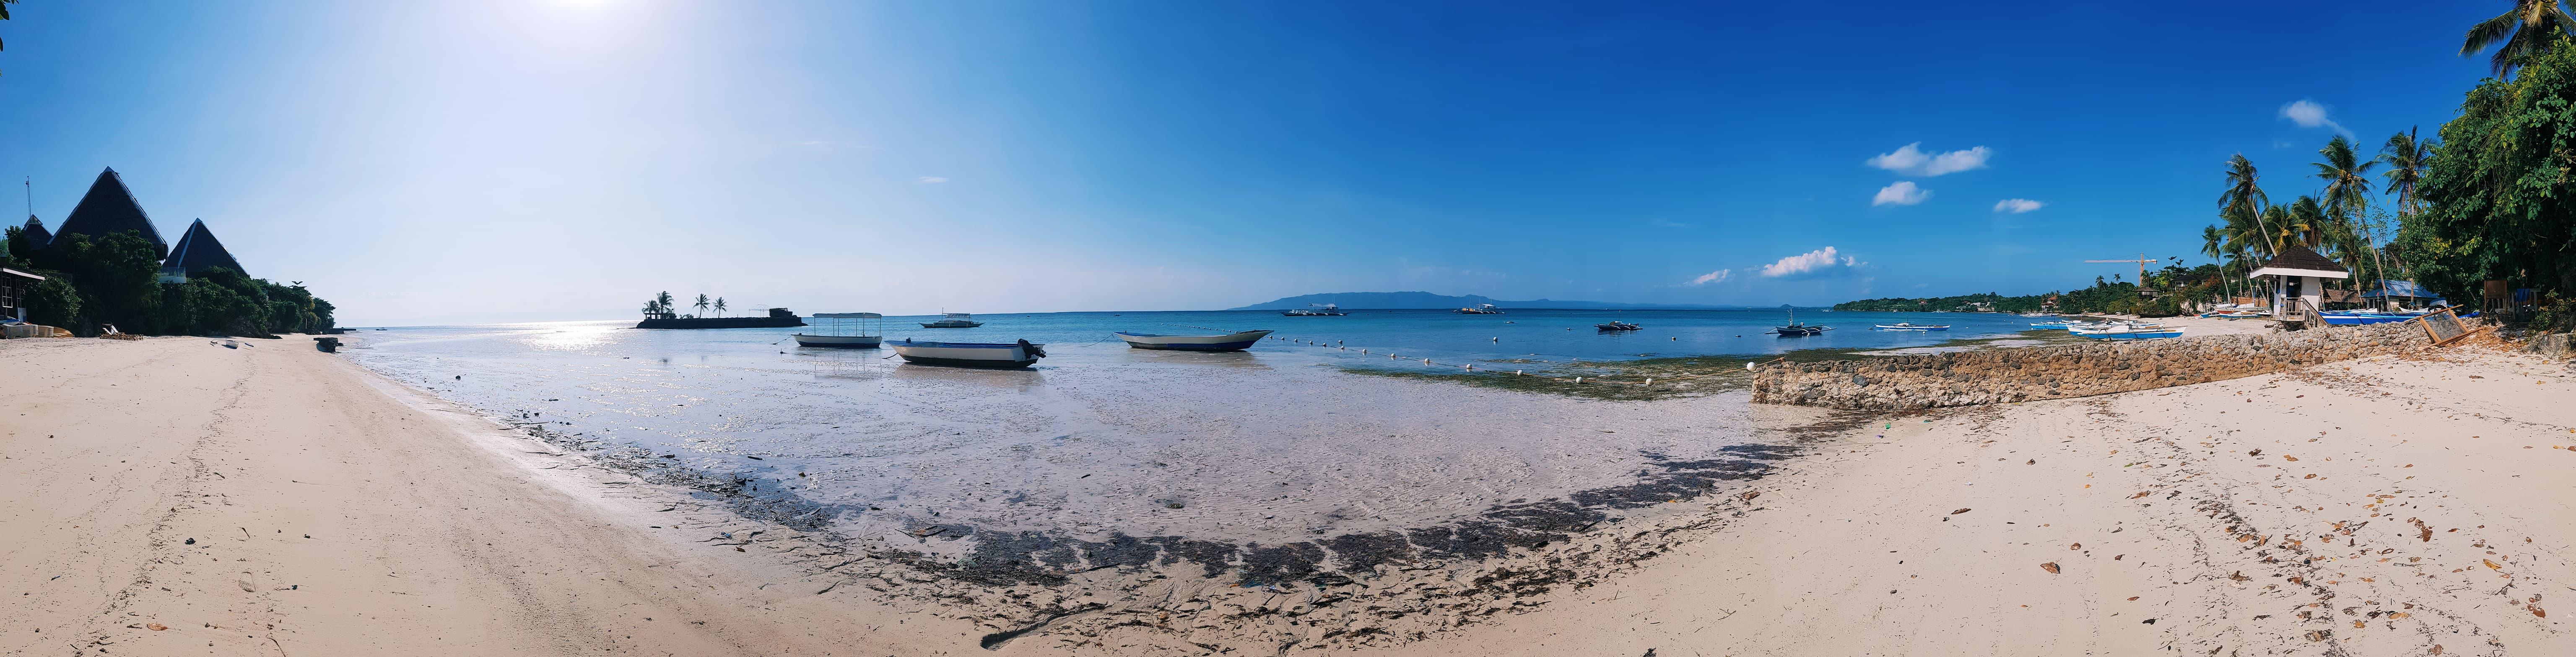 Beach Bohol